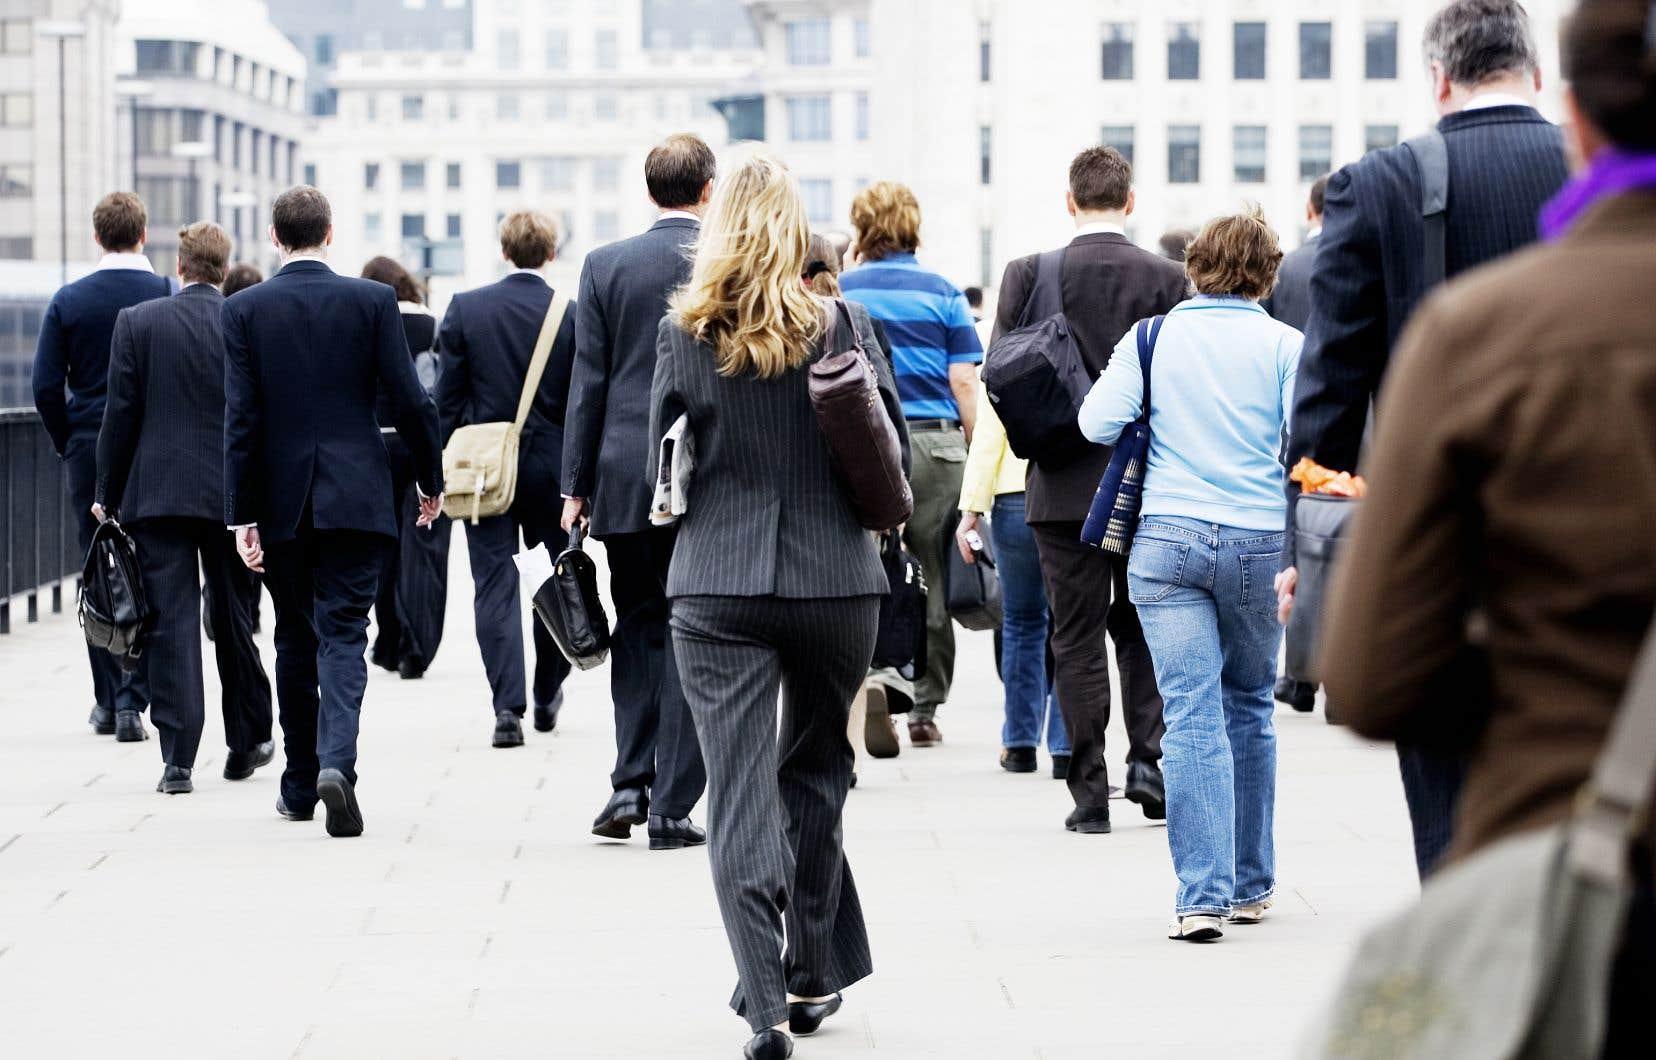 Selon le rapport, les salaires et les conditions de travail sont ainsi généralement moins bons pour les femmes, les jeunes, les personnes moins scolarisées ou les migrants que pour les autres.